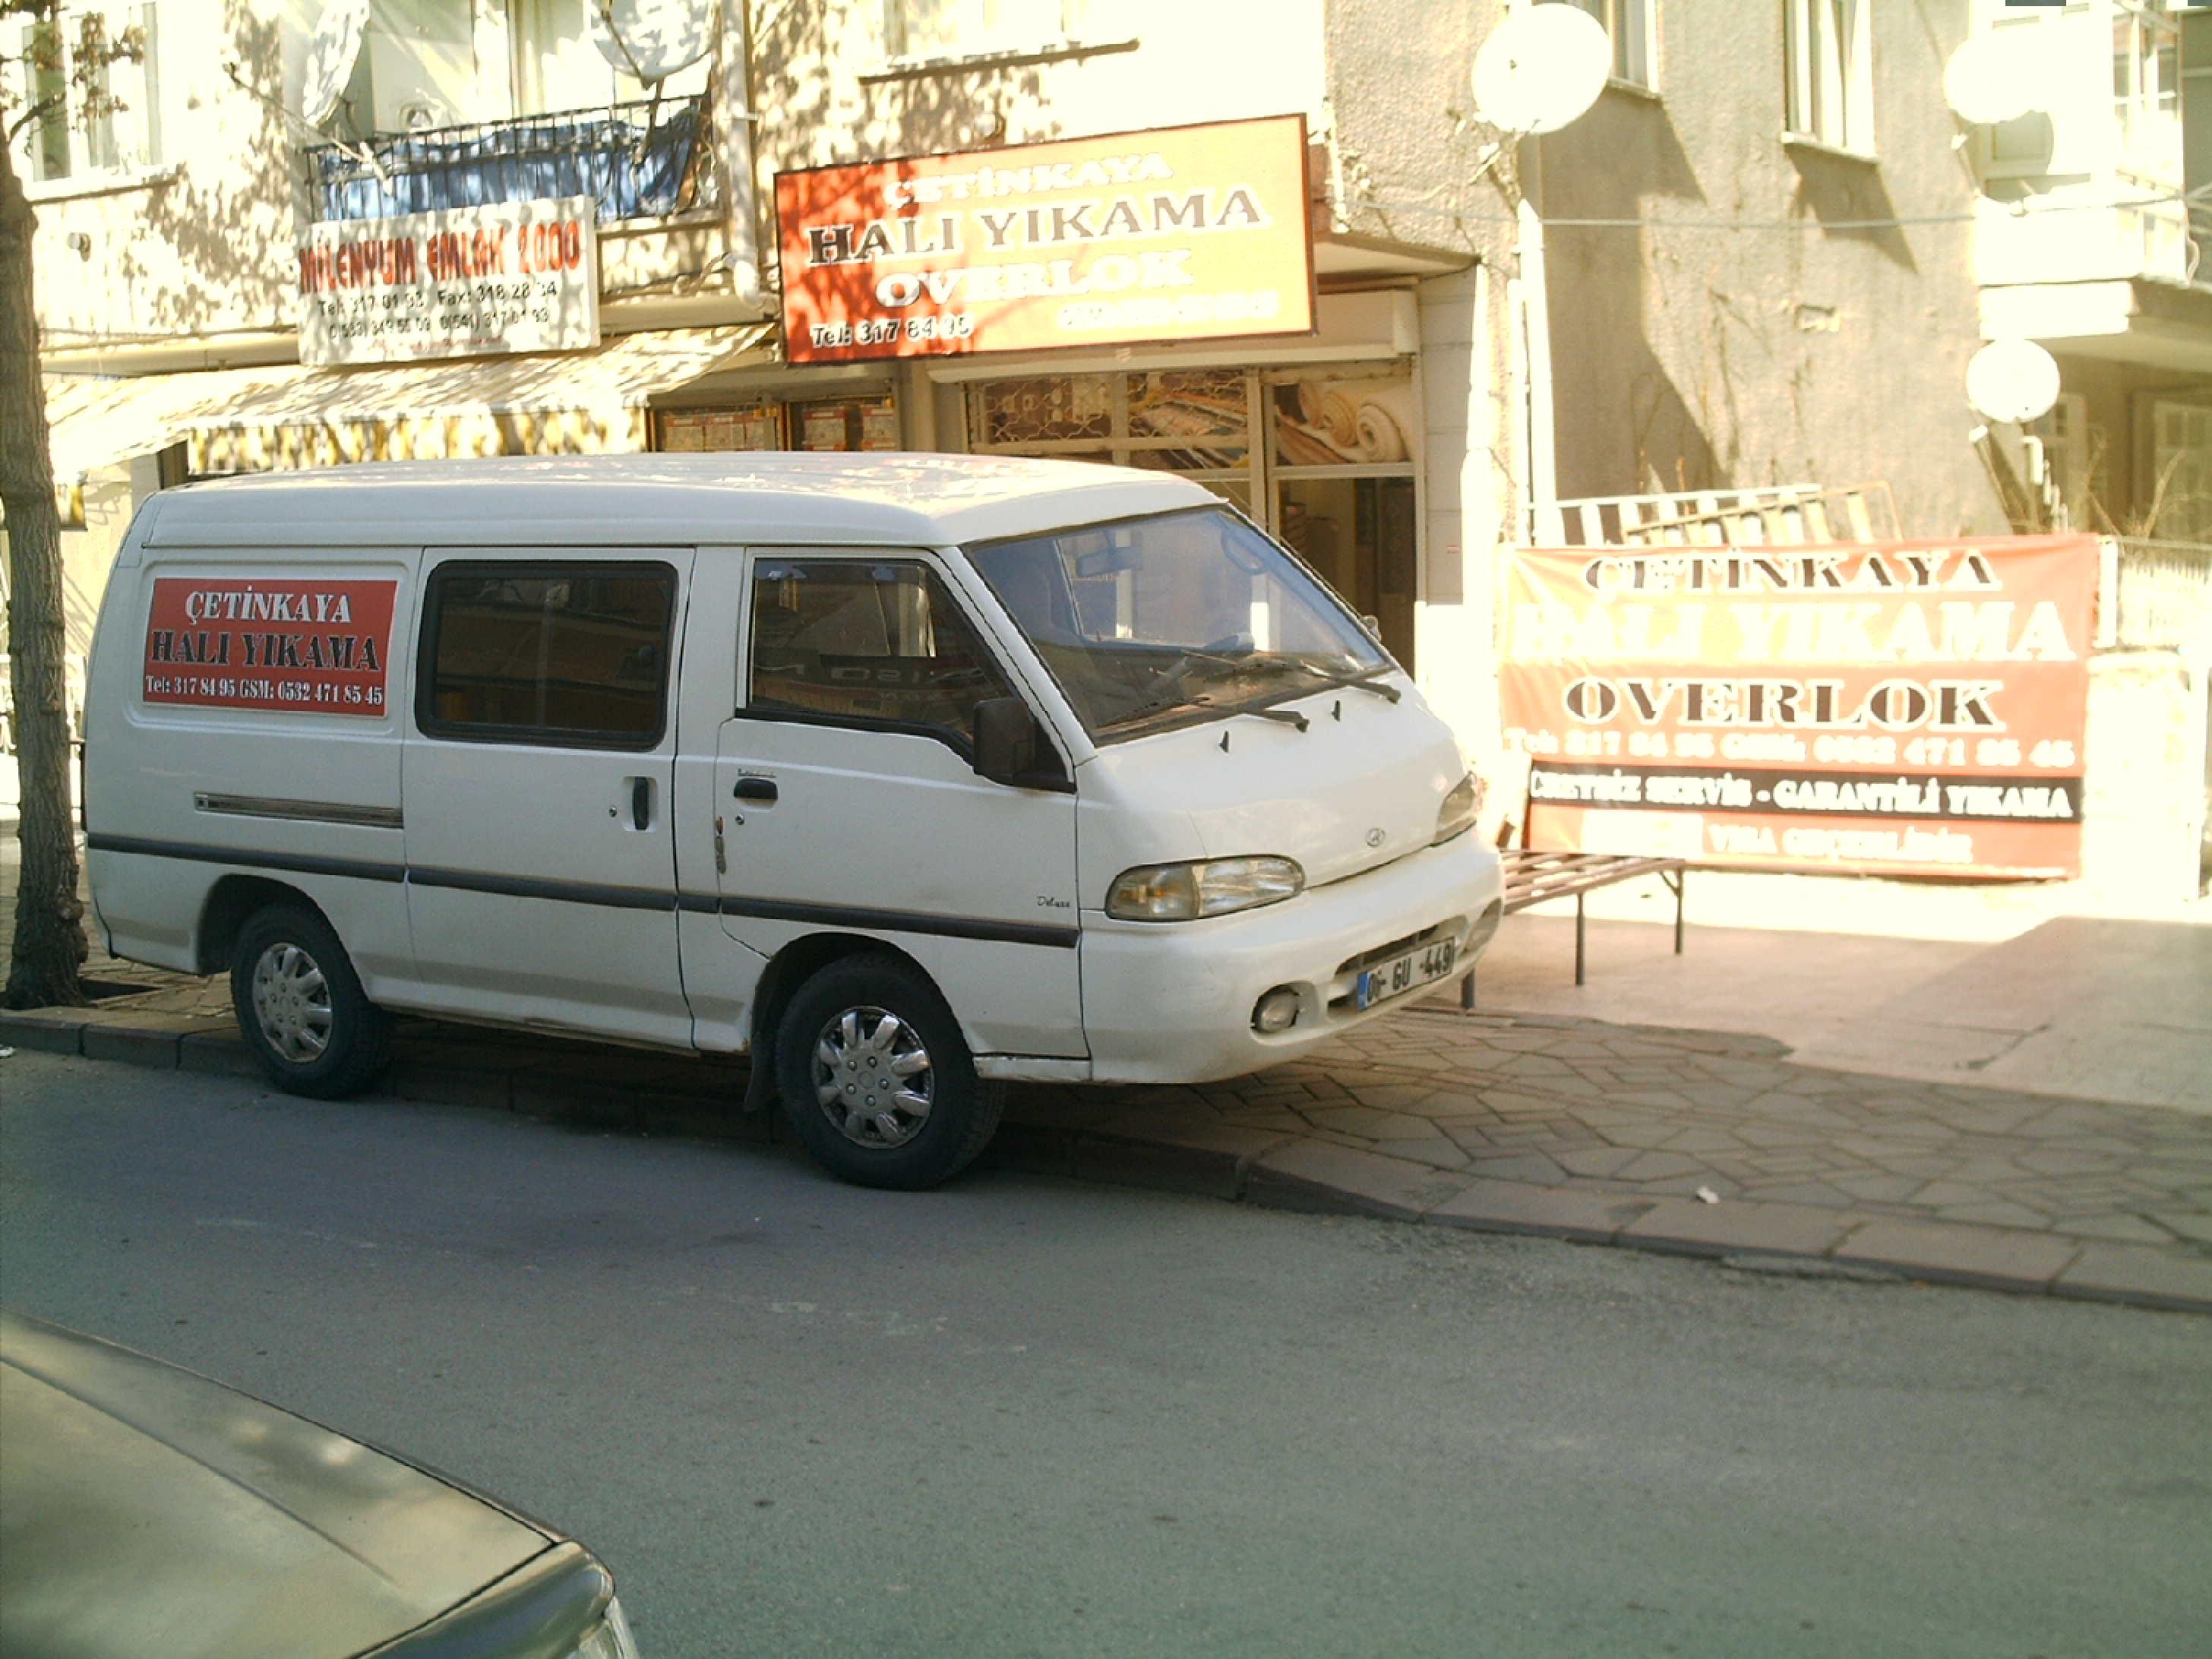 caldiran_hali_yikama_servis-1